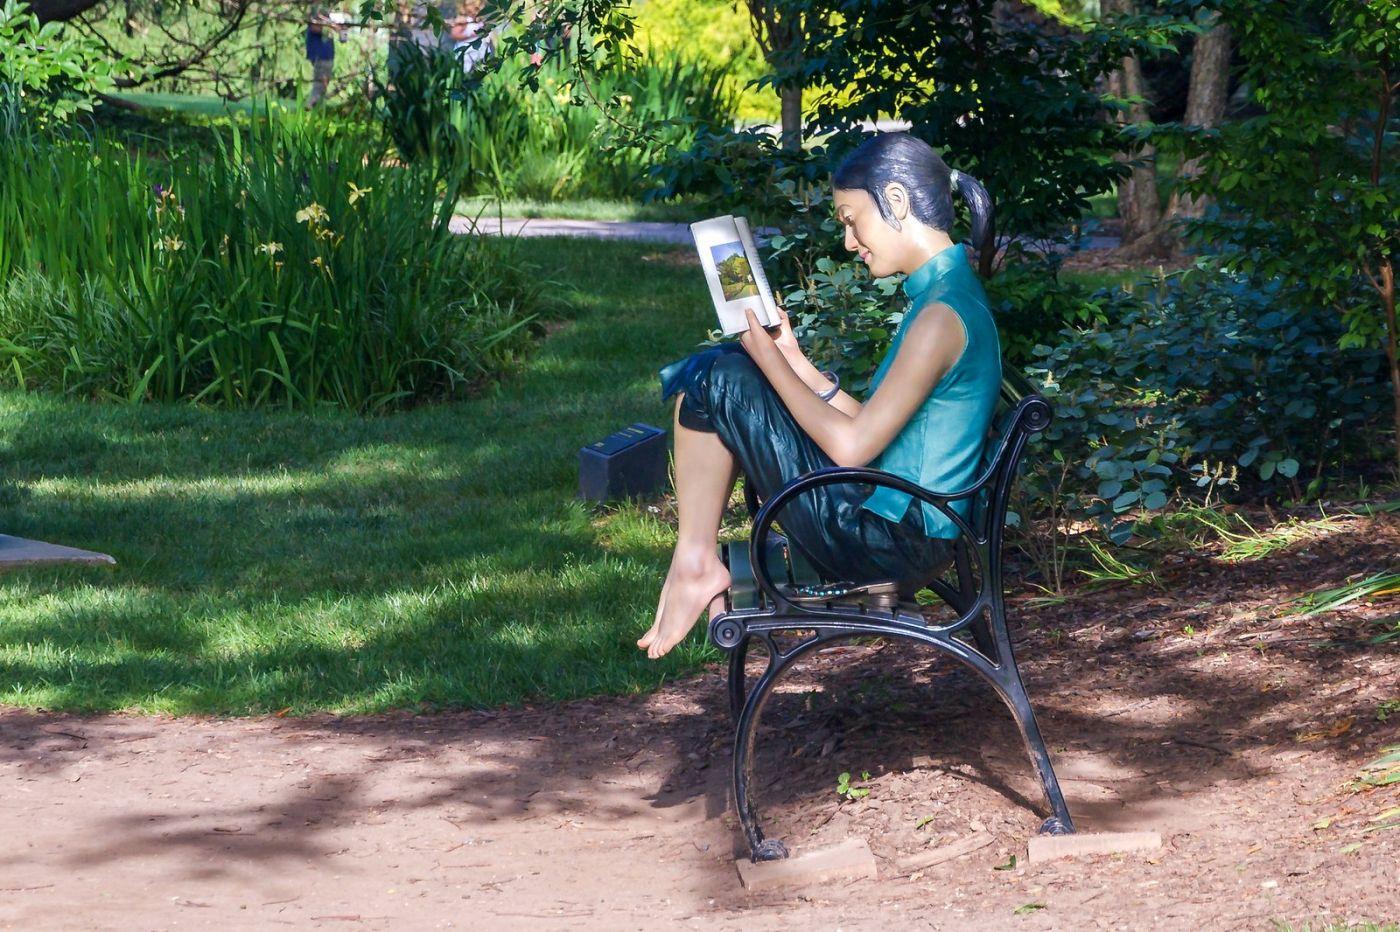 新泽西州雕塑公园(Grounds for scuplture),题材很广_图1-32